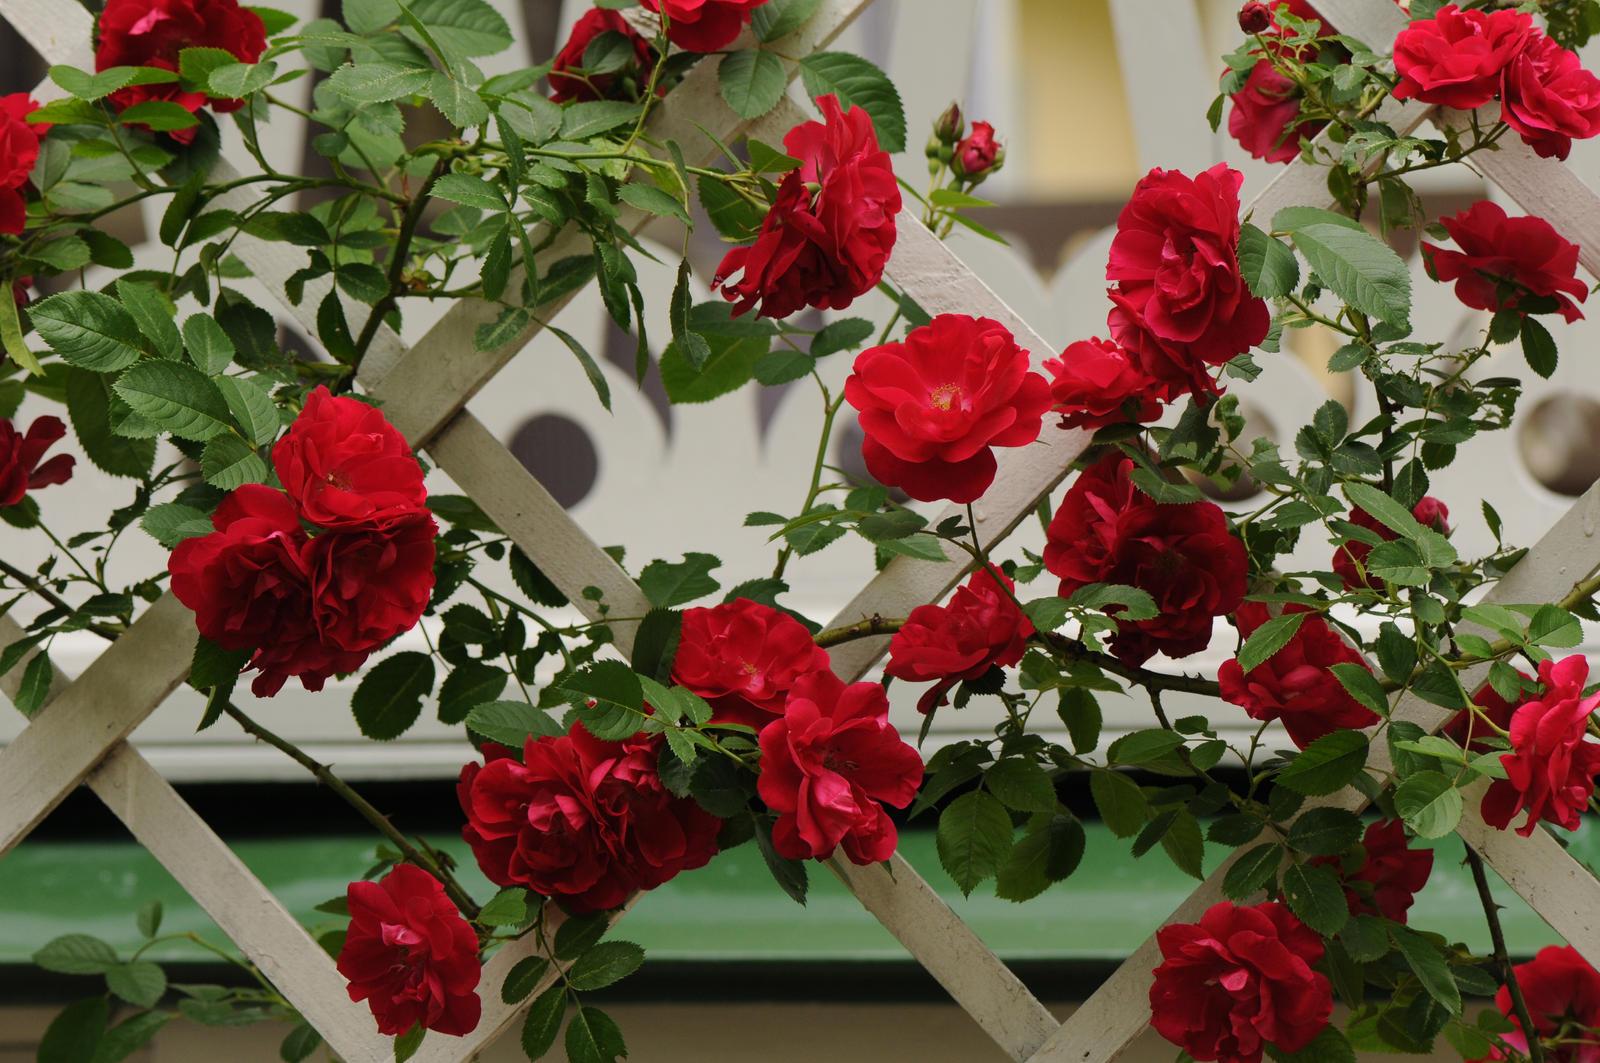 Роза чайно-гибридная флуоресцент - купить саженцы из питомни.